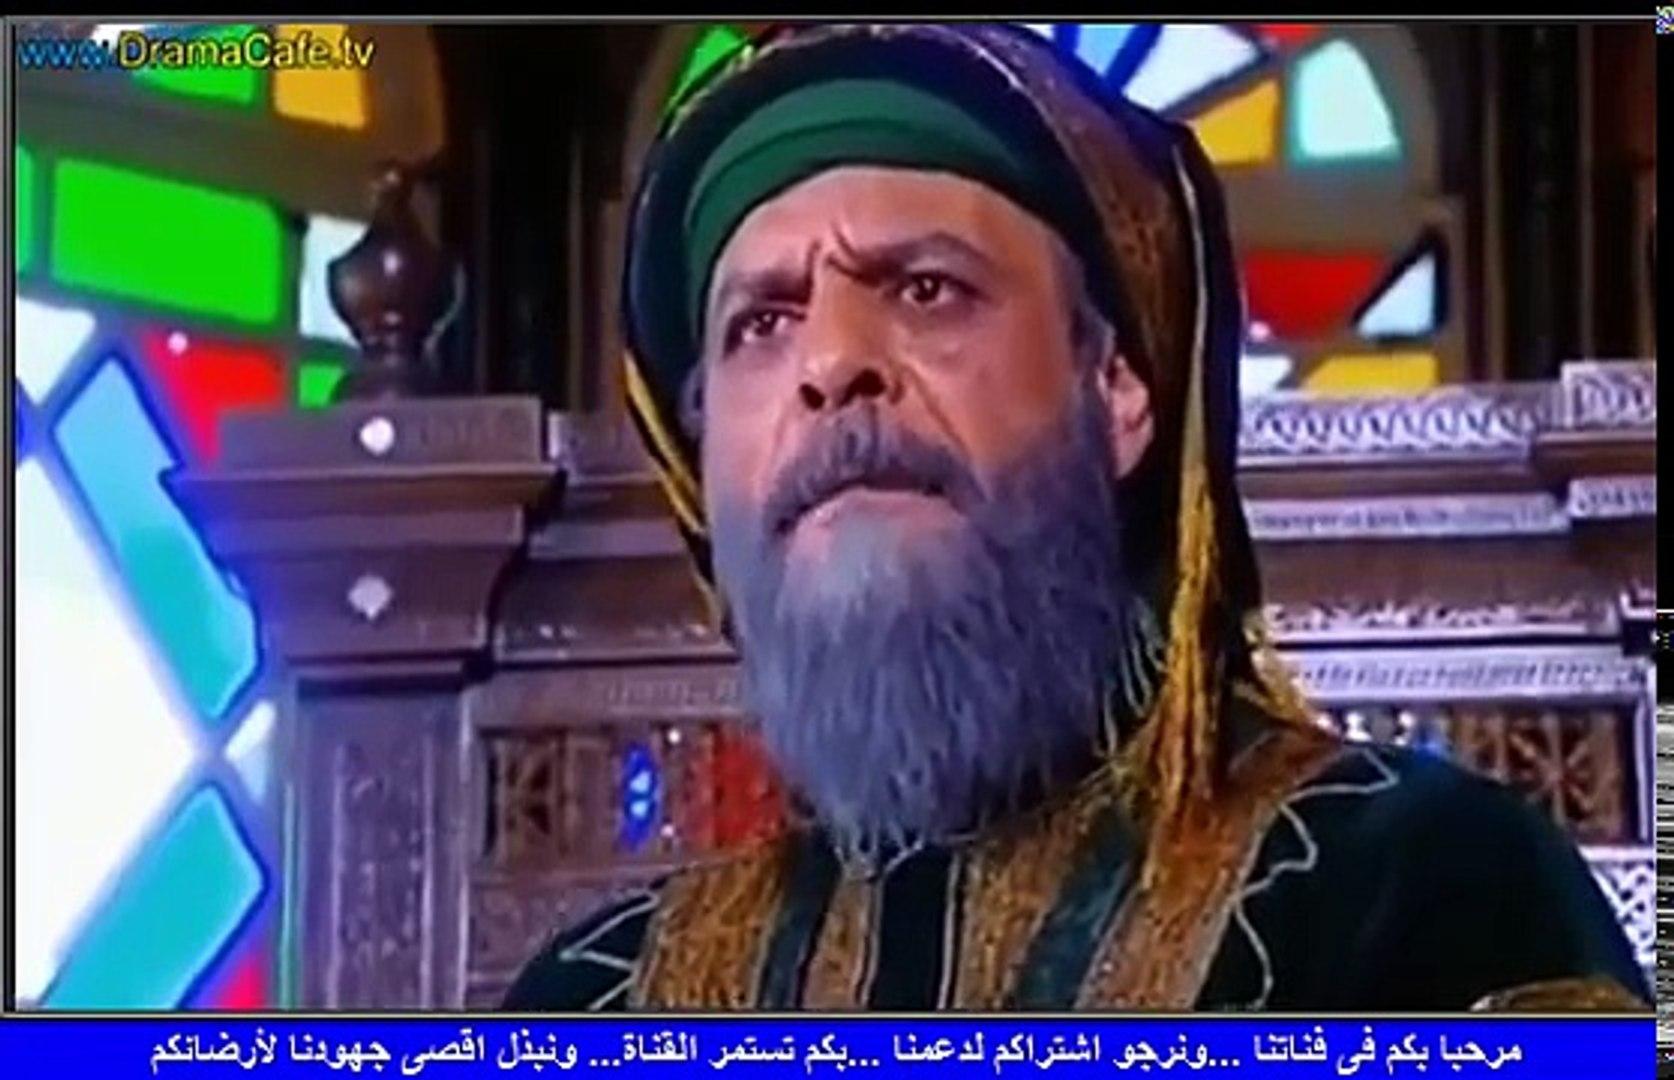 مسلسل الحجاج بن يوسف الثقفى الحلقة الرابعة كاملة من 1 35 الاخيرة Youtube